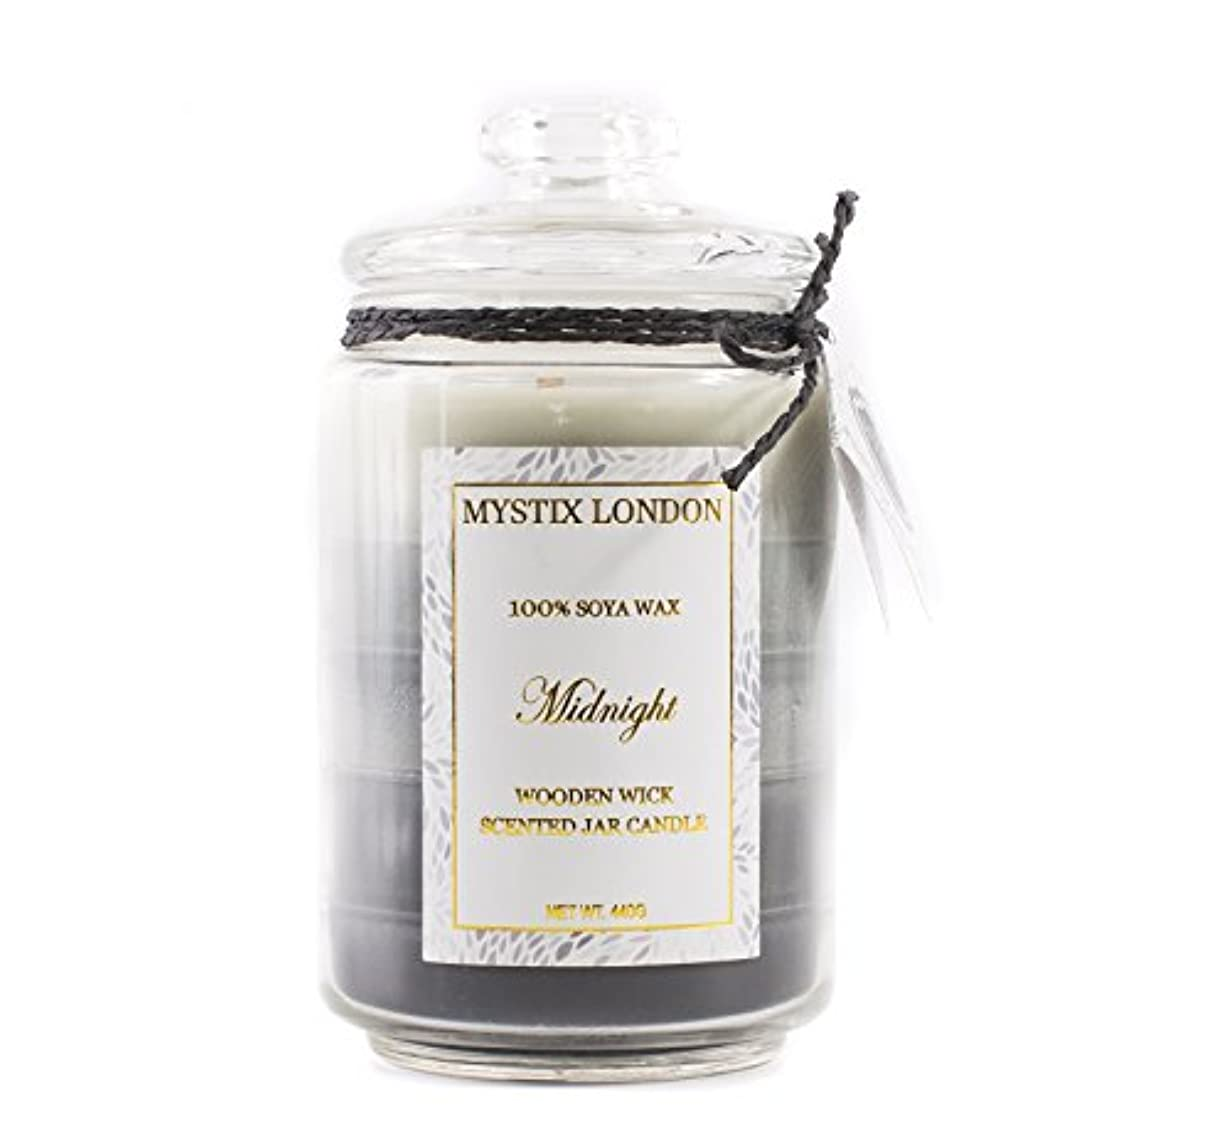 離れて美しいレジMystix London Midnight Wooden Wick Scented Jar Candle 440g